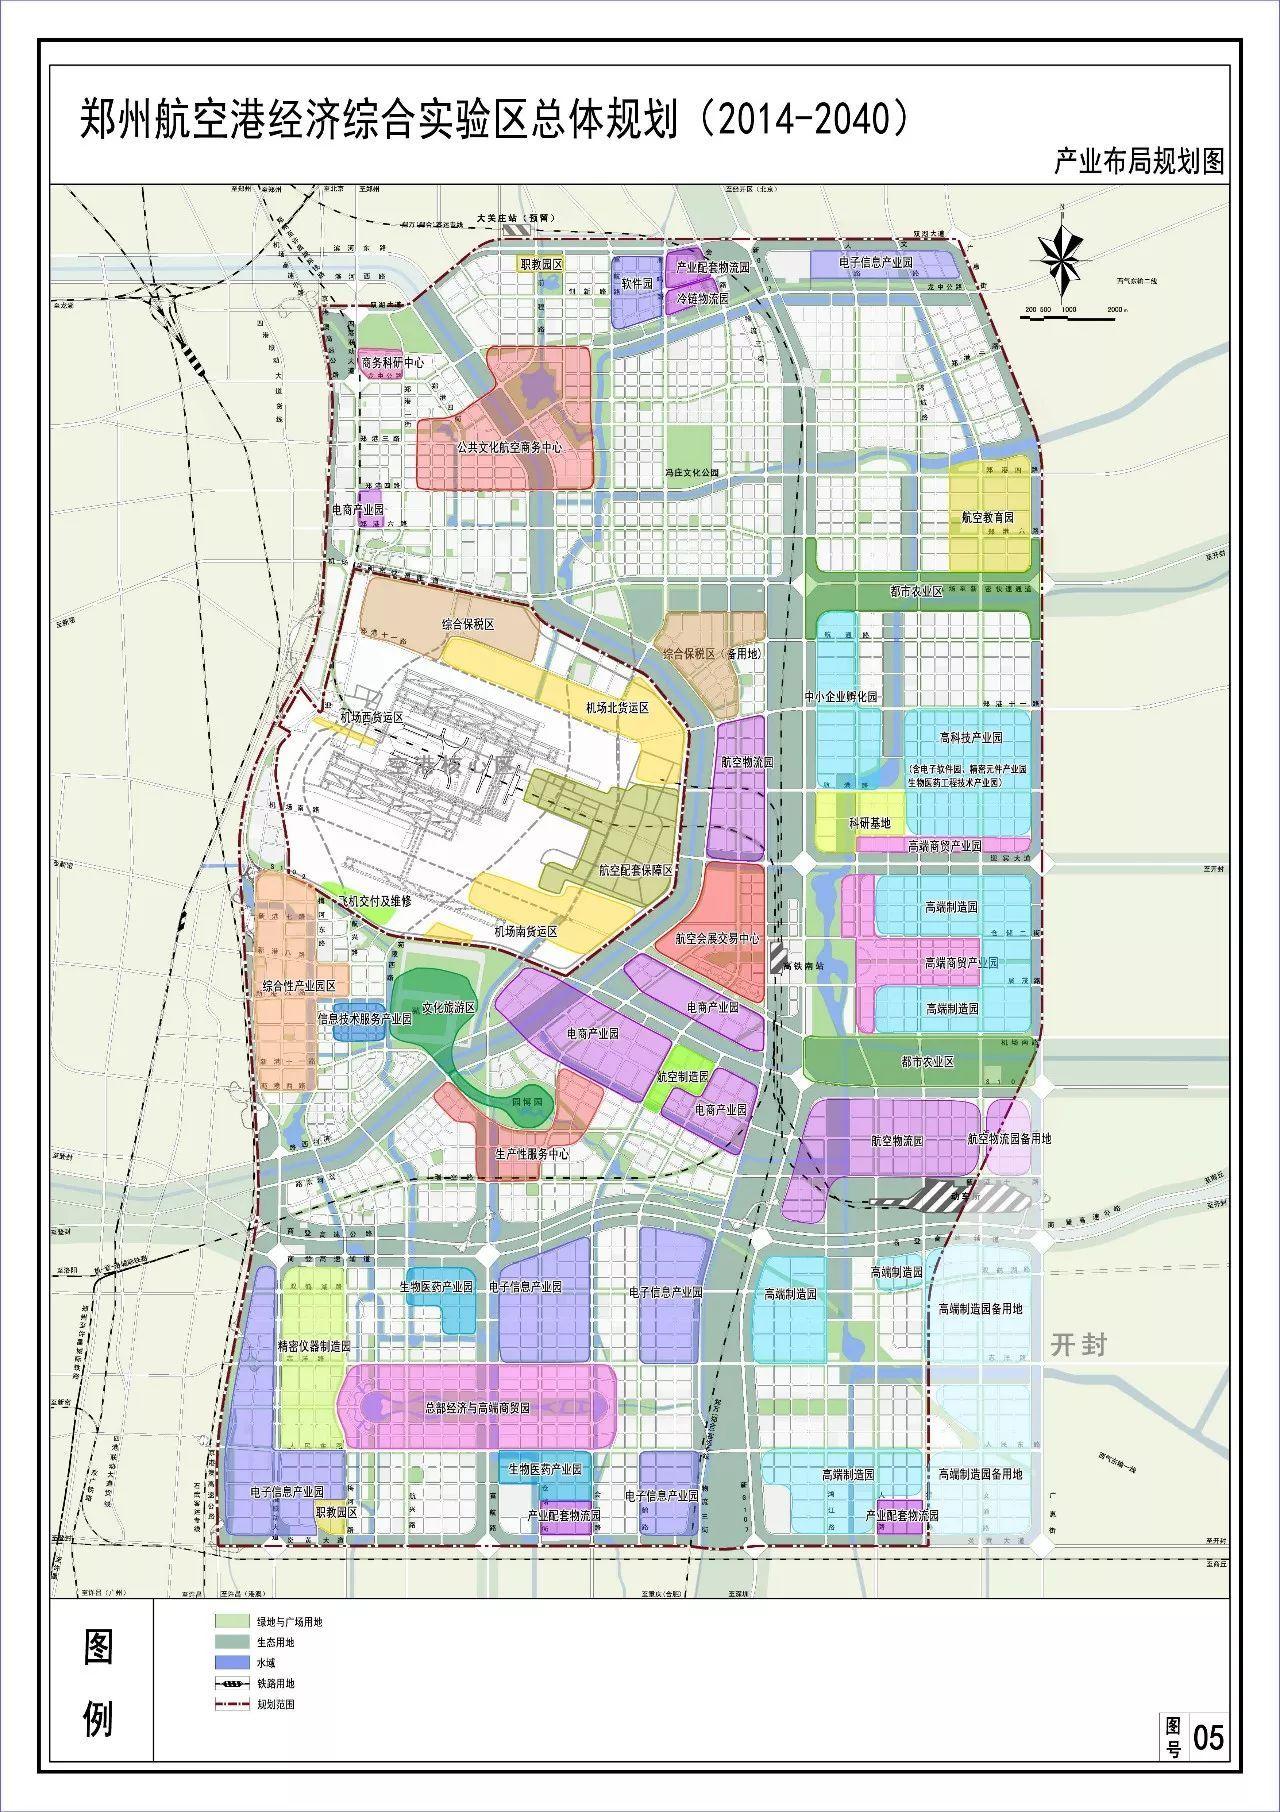 航空港区规划图 郑州航空港区未来25年总体规划出笼